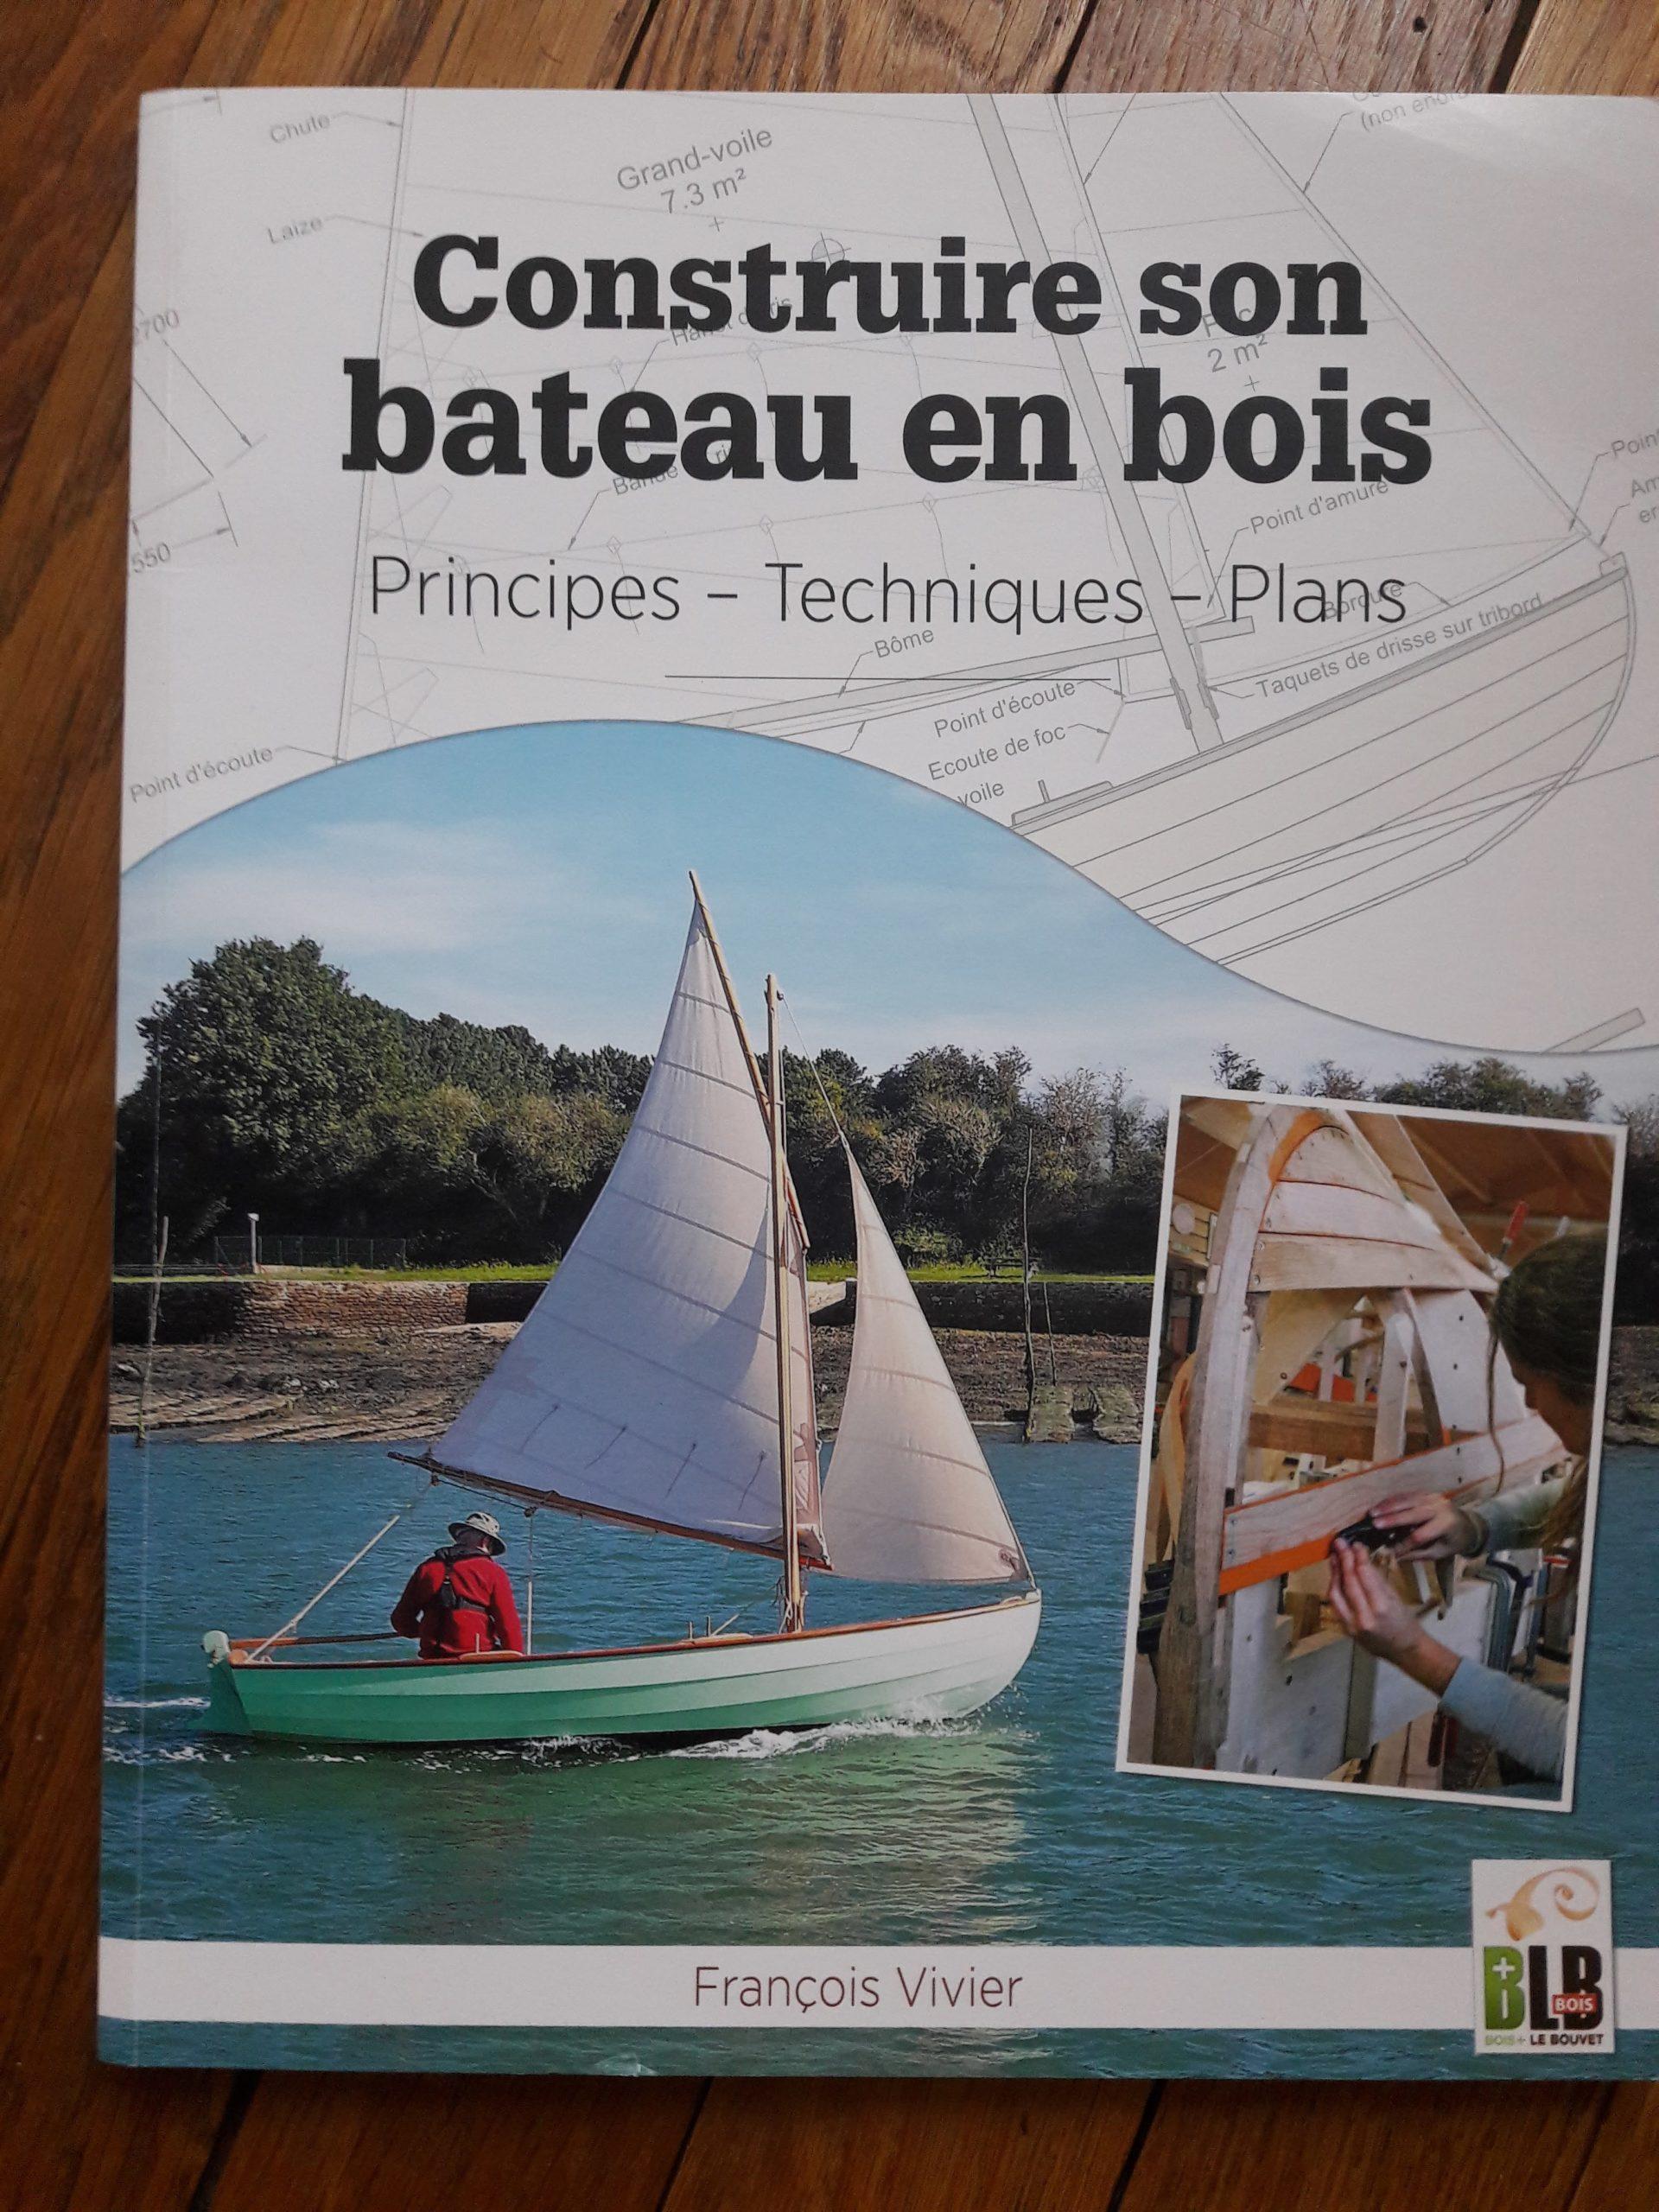 Construire son bateau en bois : le nouveau livre de François Vivier